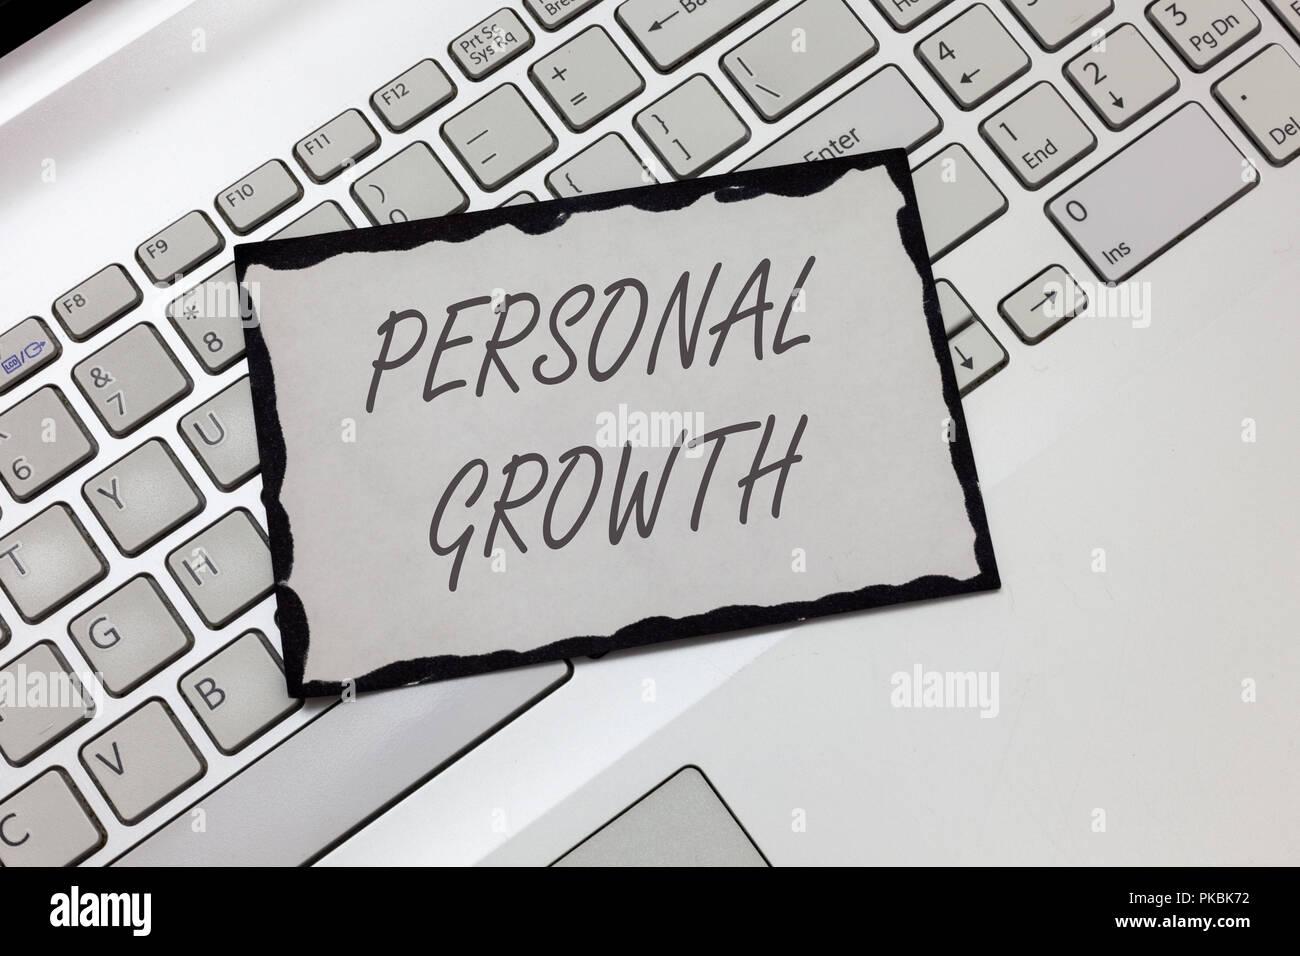 Escribir nota mostrando el crecimiento personal. Exhibición fotográfica de negocios mejorar desarrollar tus habilidades cualidades aprender nuevos materiales. Imagen De Stock